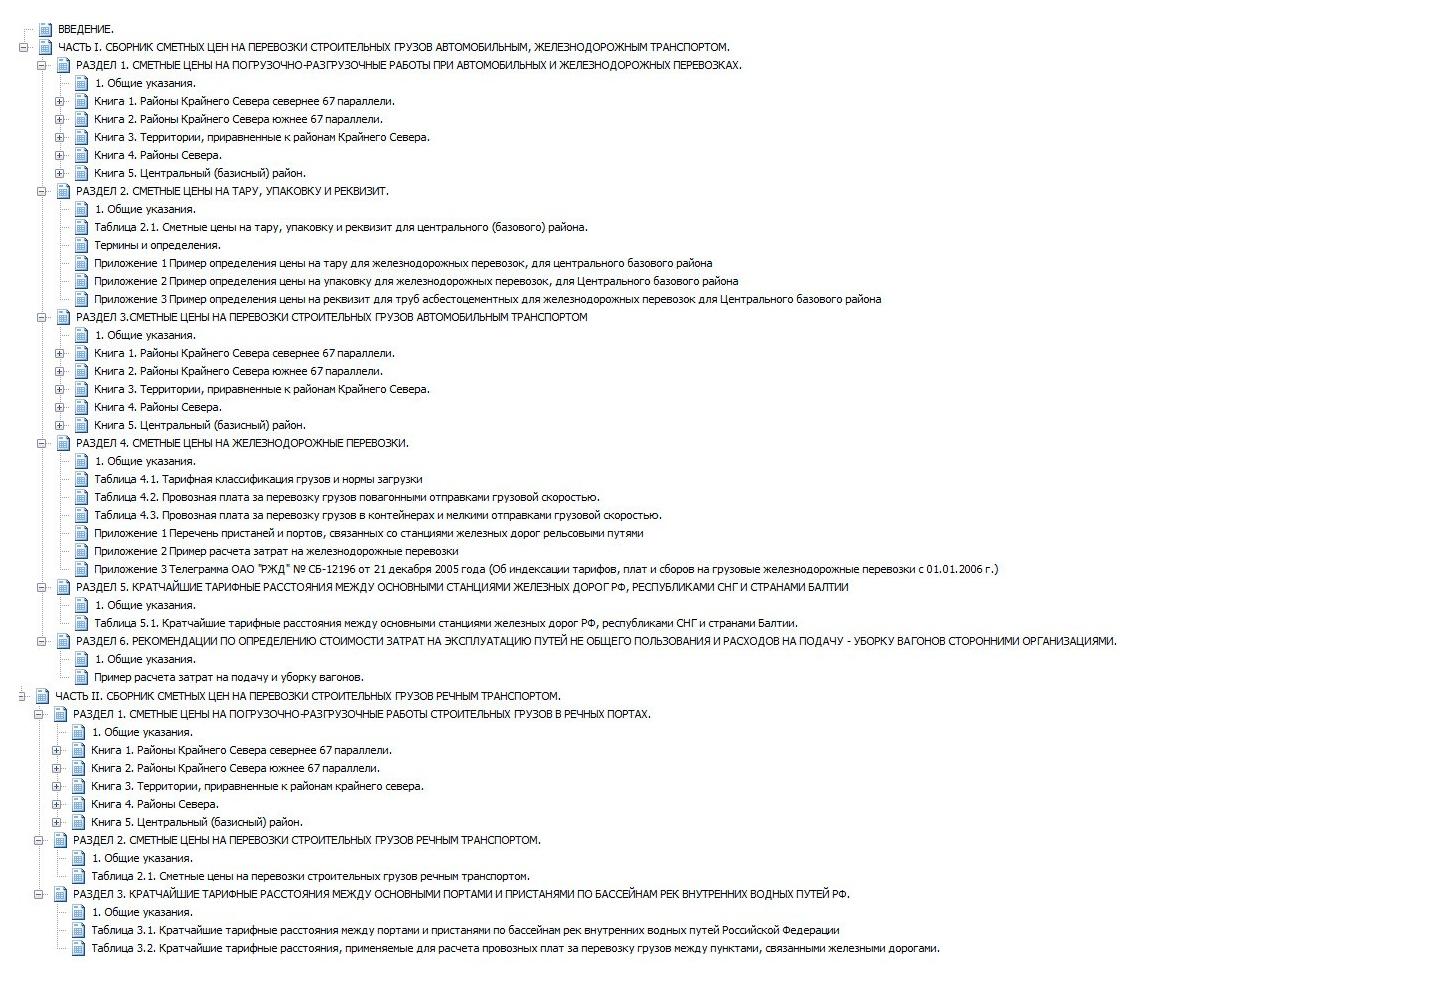 Сборник сметных цен на перевозку строительных грузов автомобильным, железнодорожным и речным транспортом, по состоянию на 01.01.2008 (под ред. О.Н.Черной)